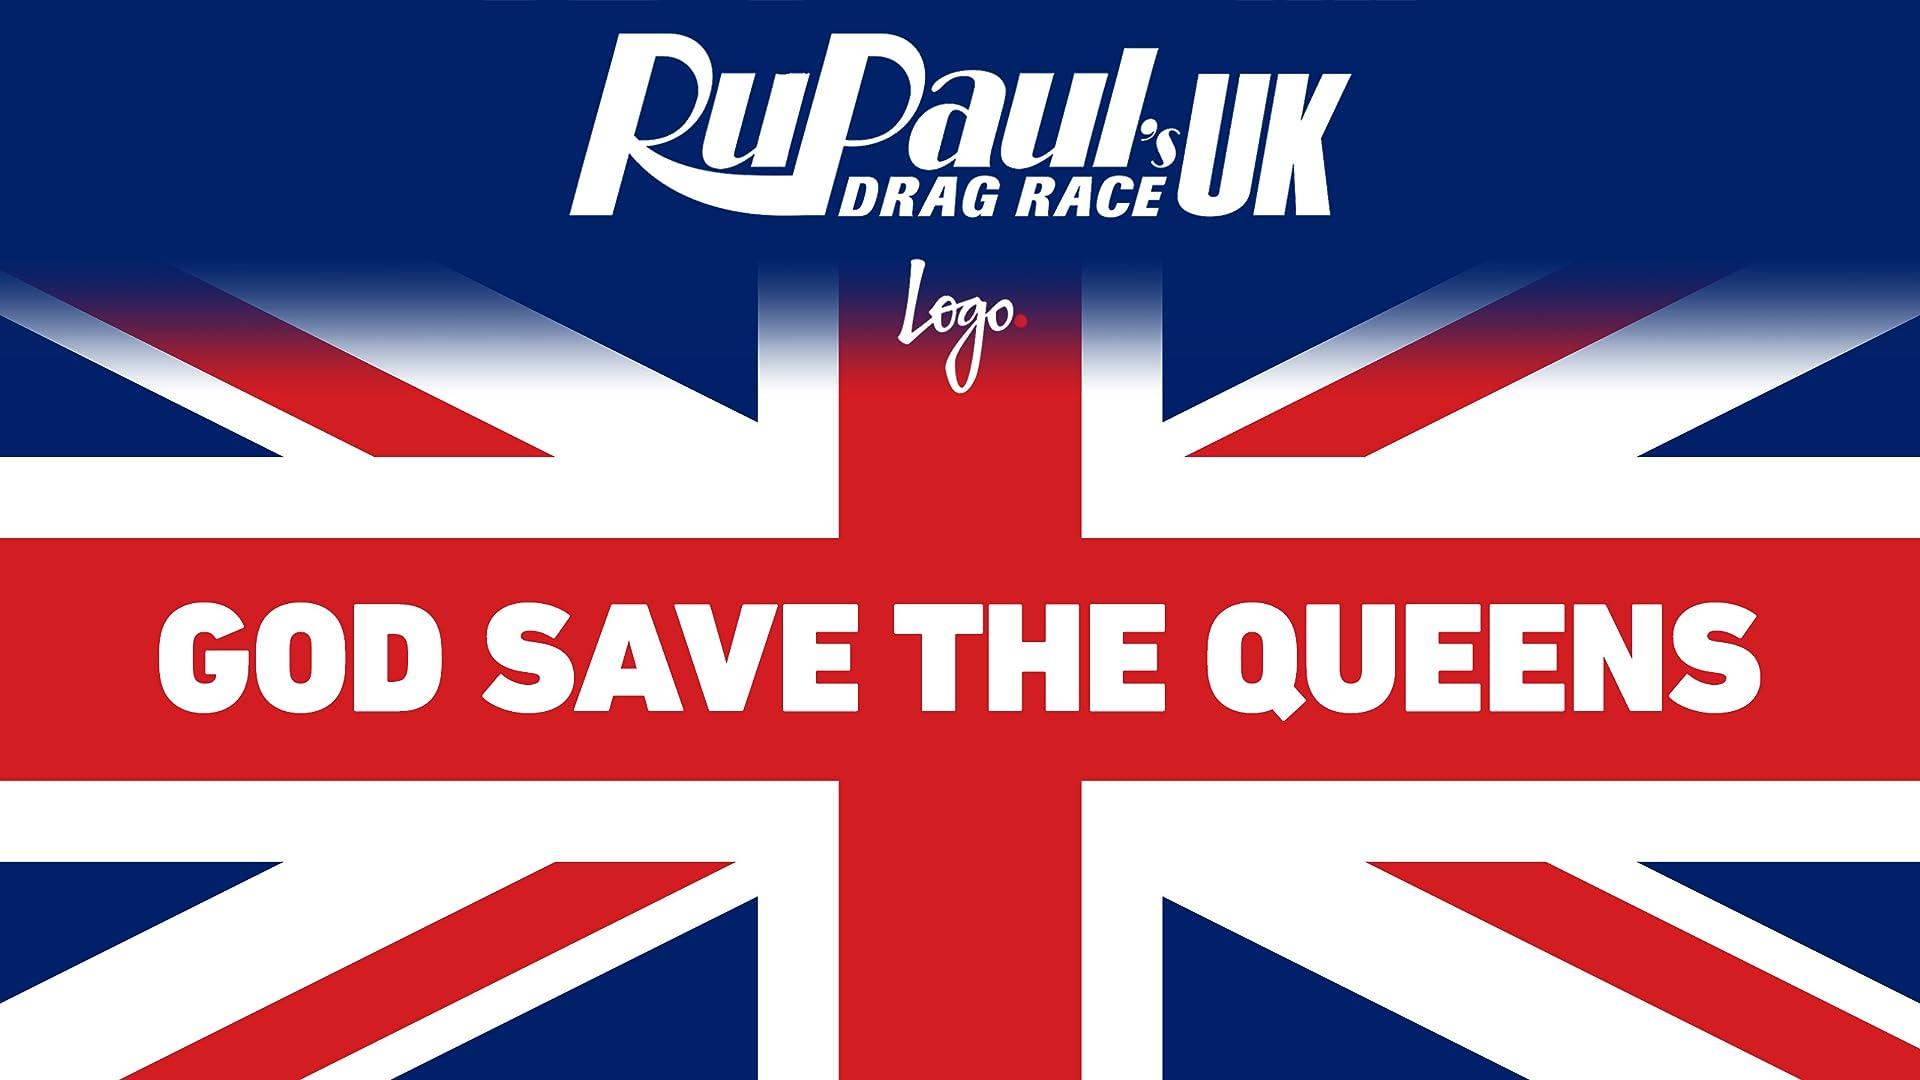 RuPaul's Drag Race UK Season 1